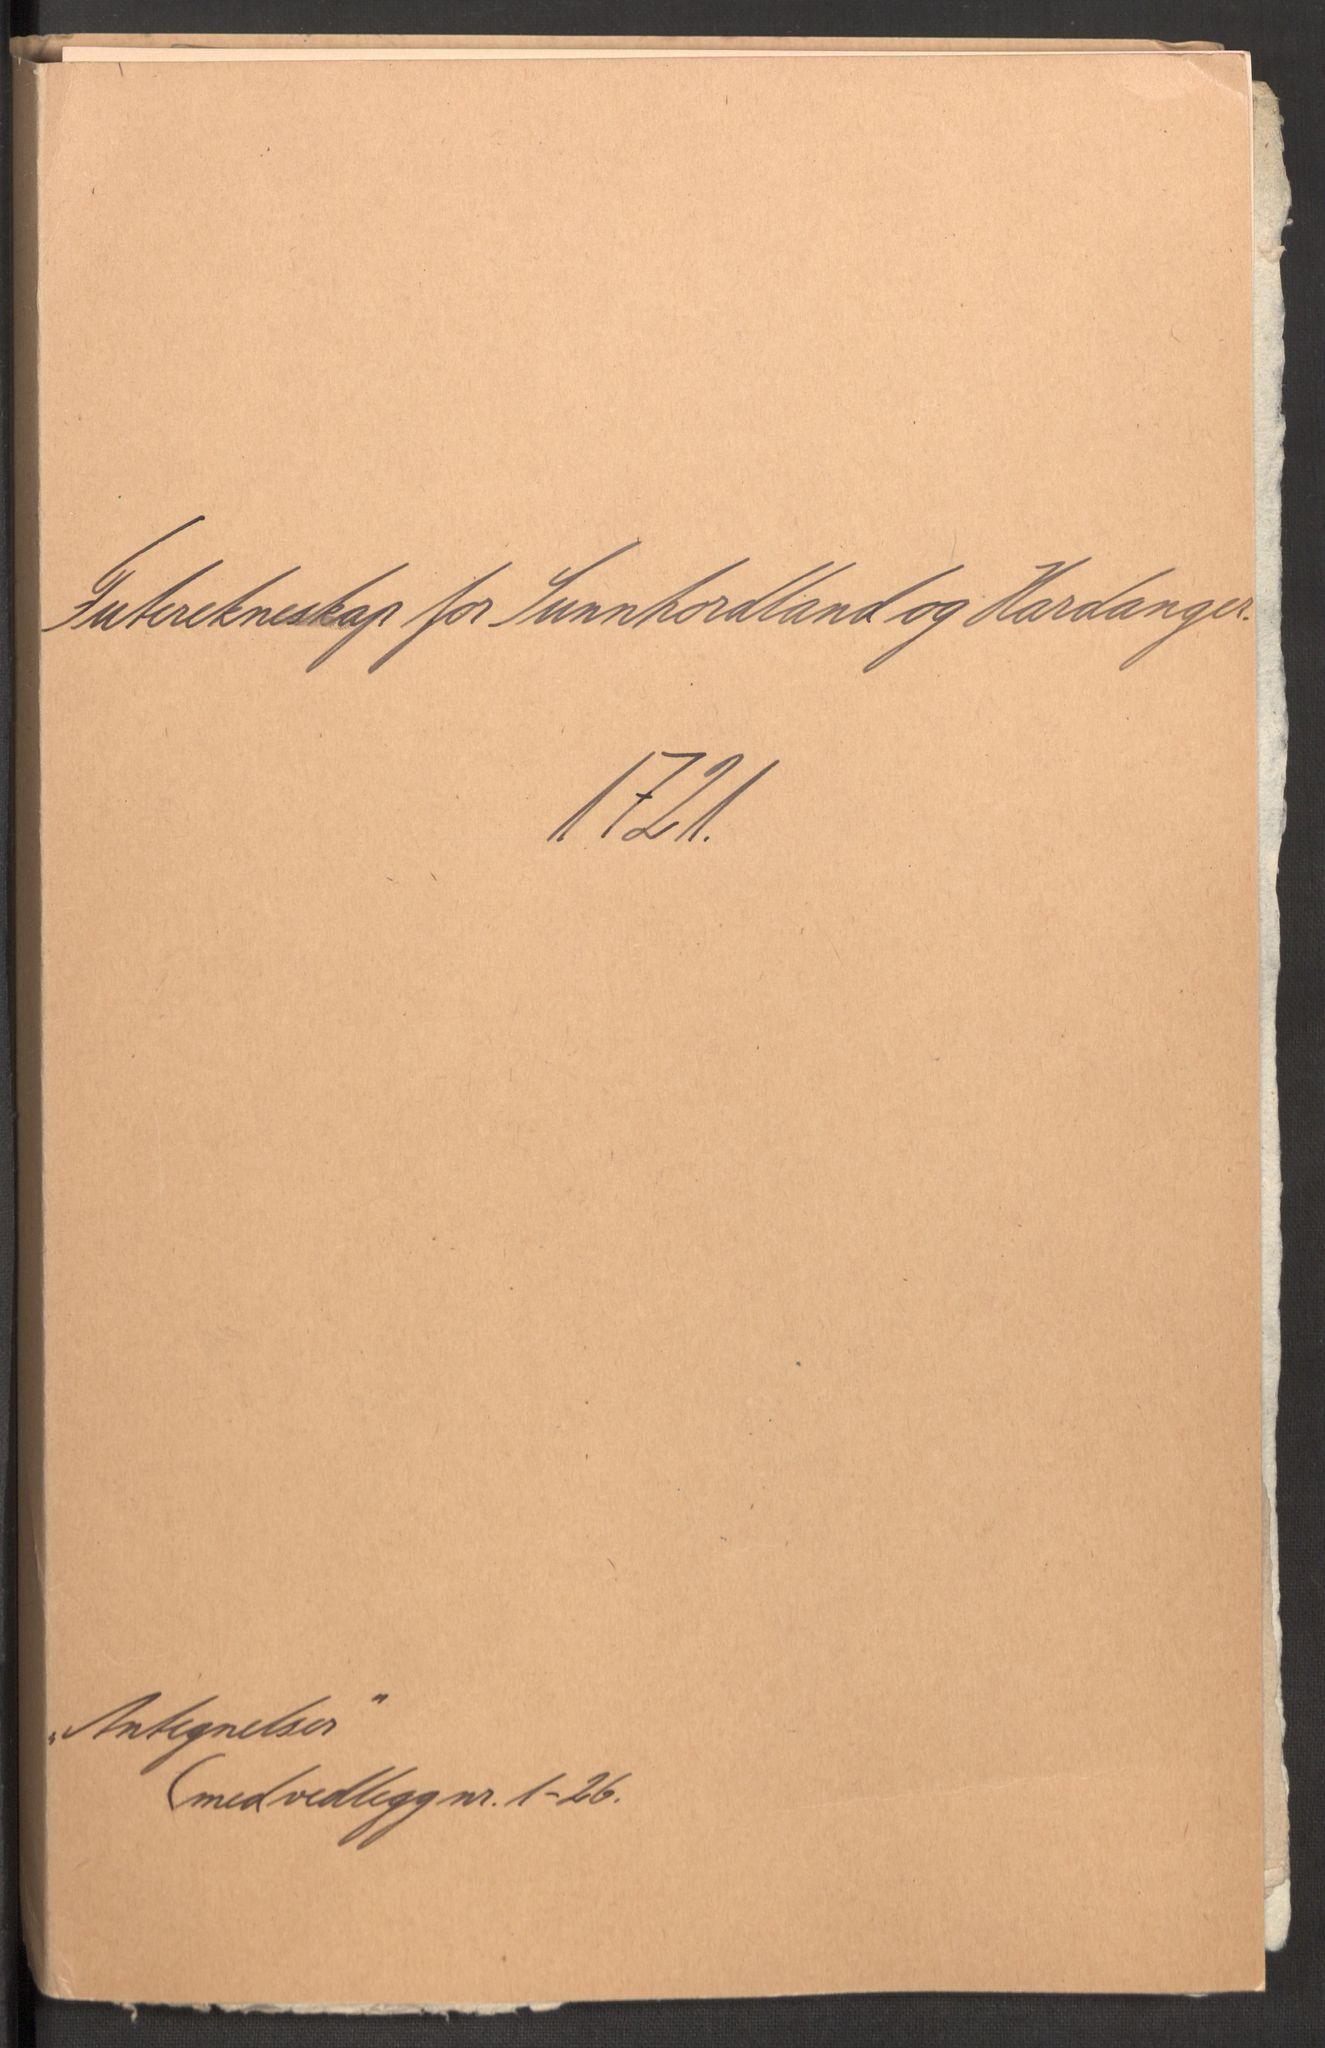 RA, Rentekammeret inntil 1814, Reviderte regnskaper, Fogderegnskap, R48/L3000: Fogderegnskap Sunnhordland og Hardanger, 1721, s. 442